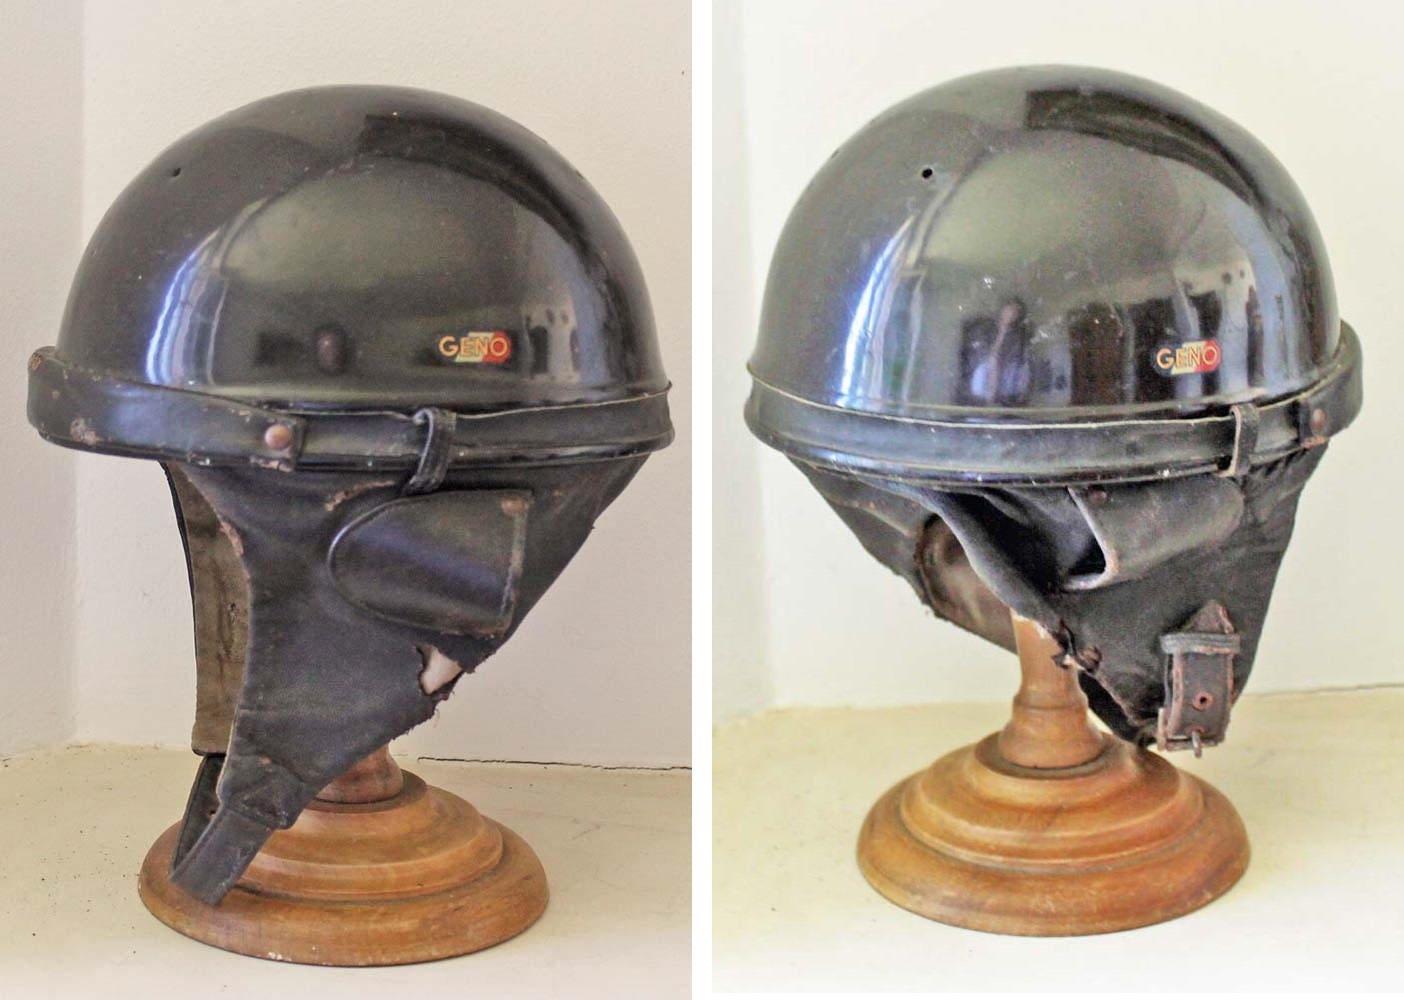 Vintage leather Motorcycle helmet 'Paris Geno' 1960s